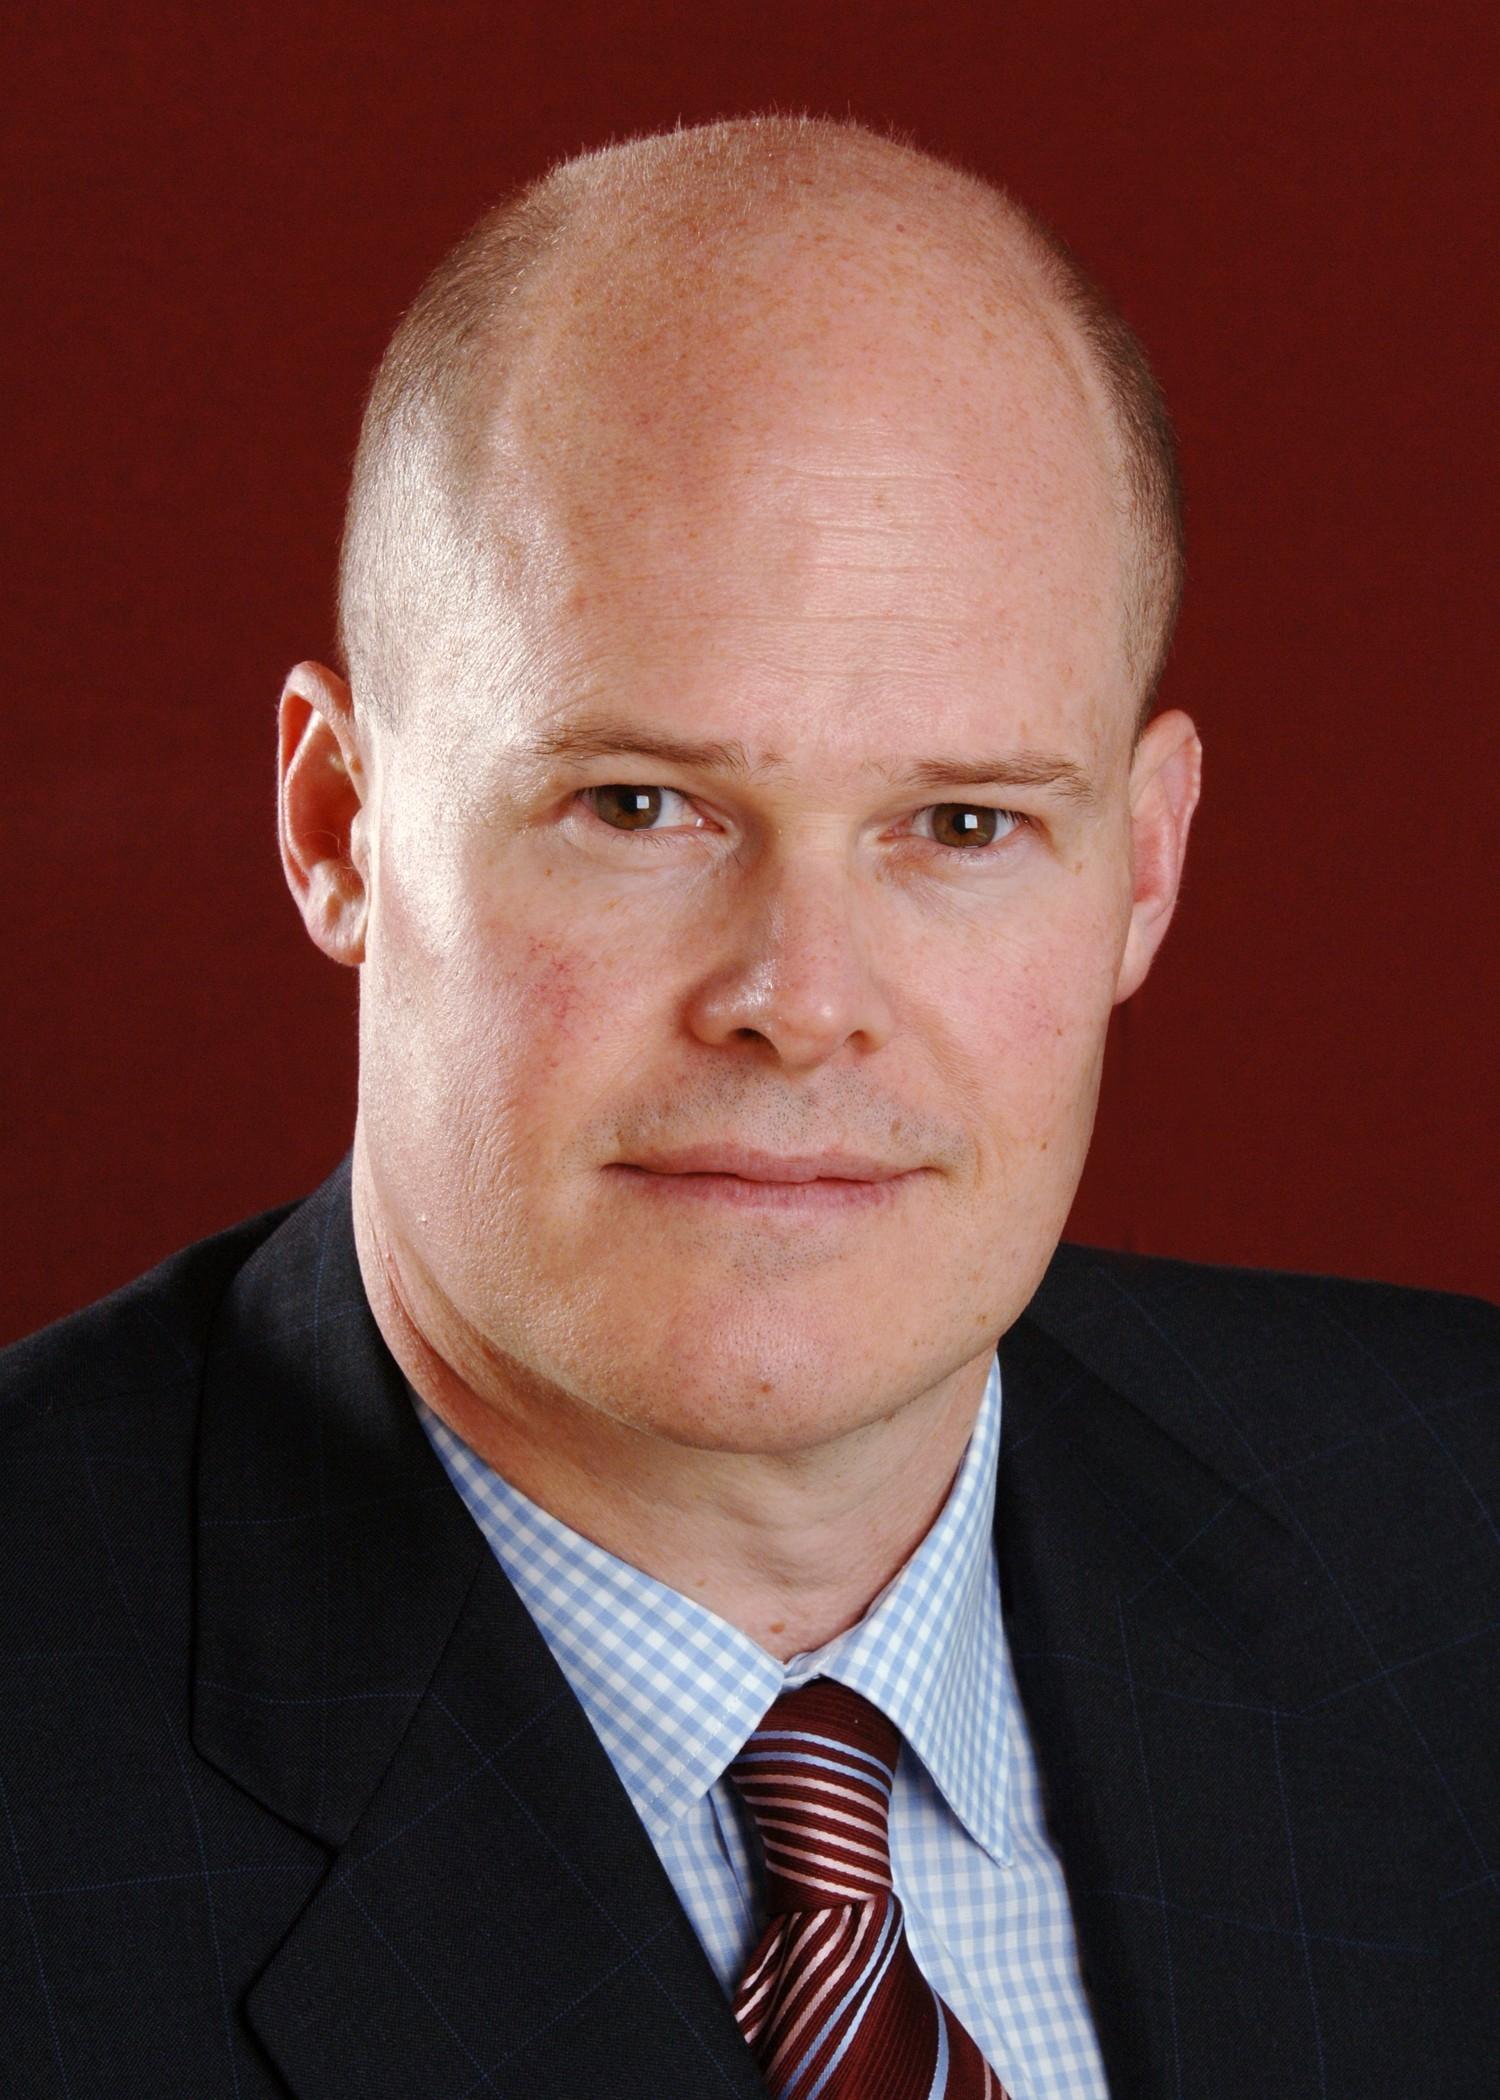 Matthew Newick